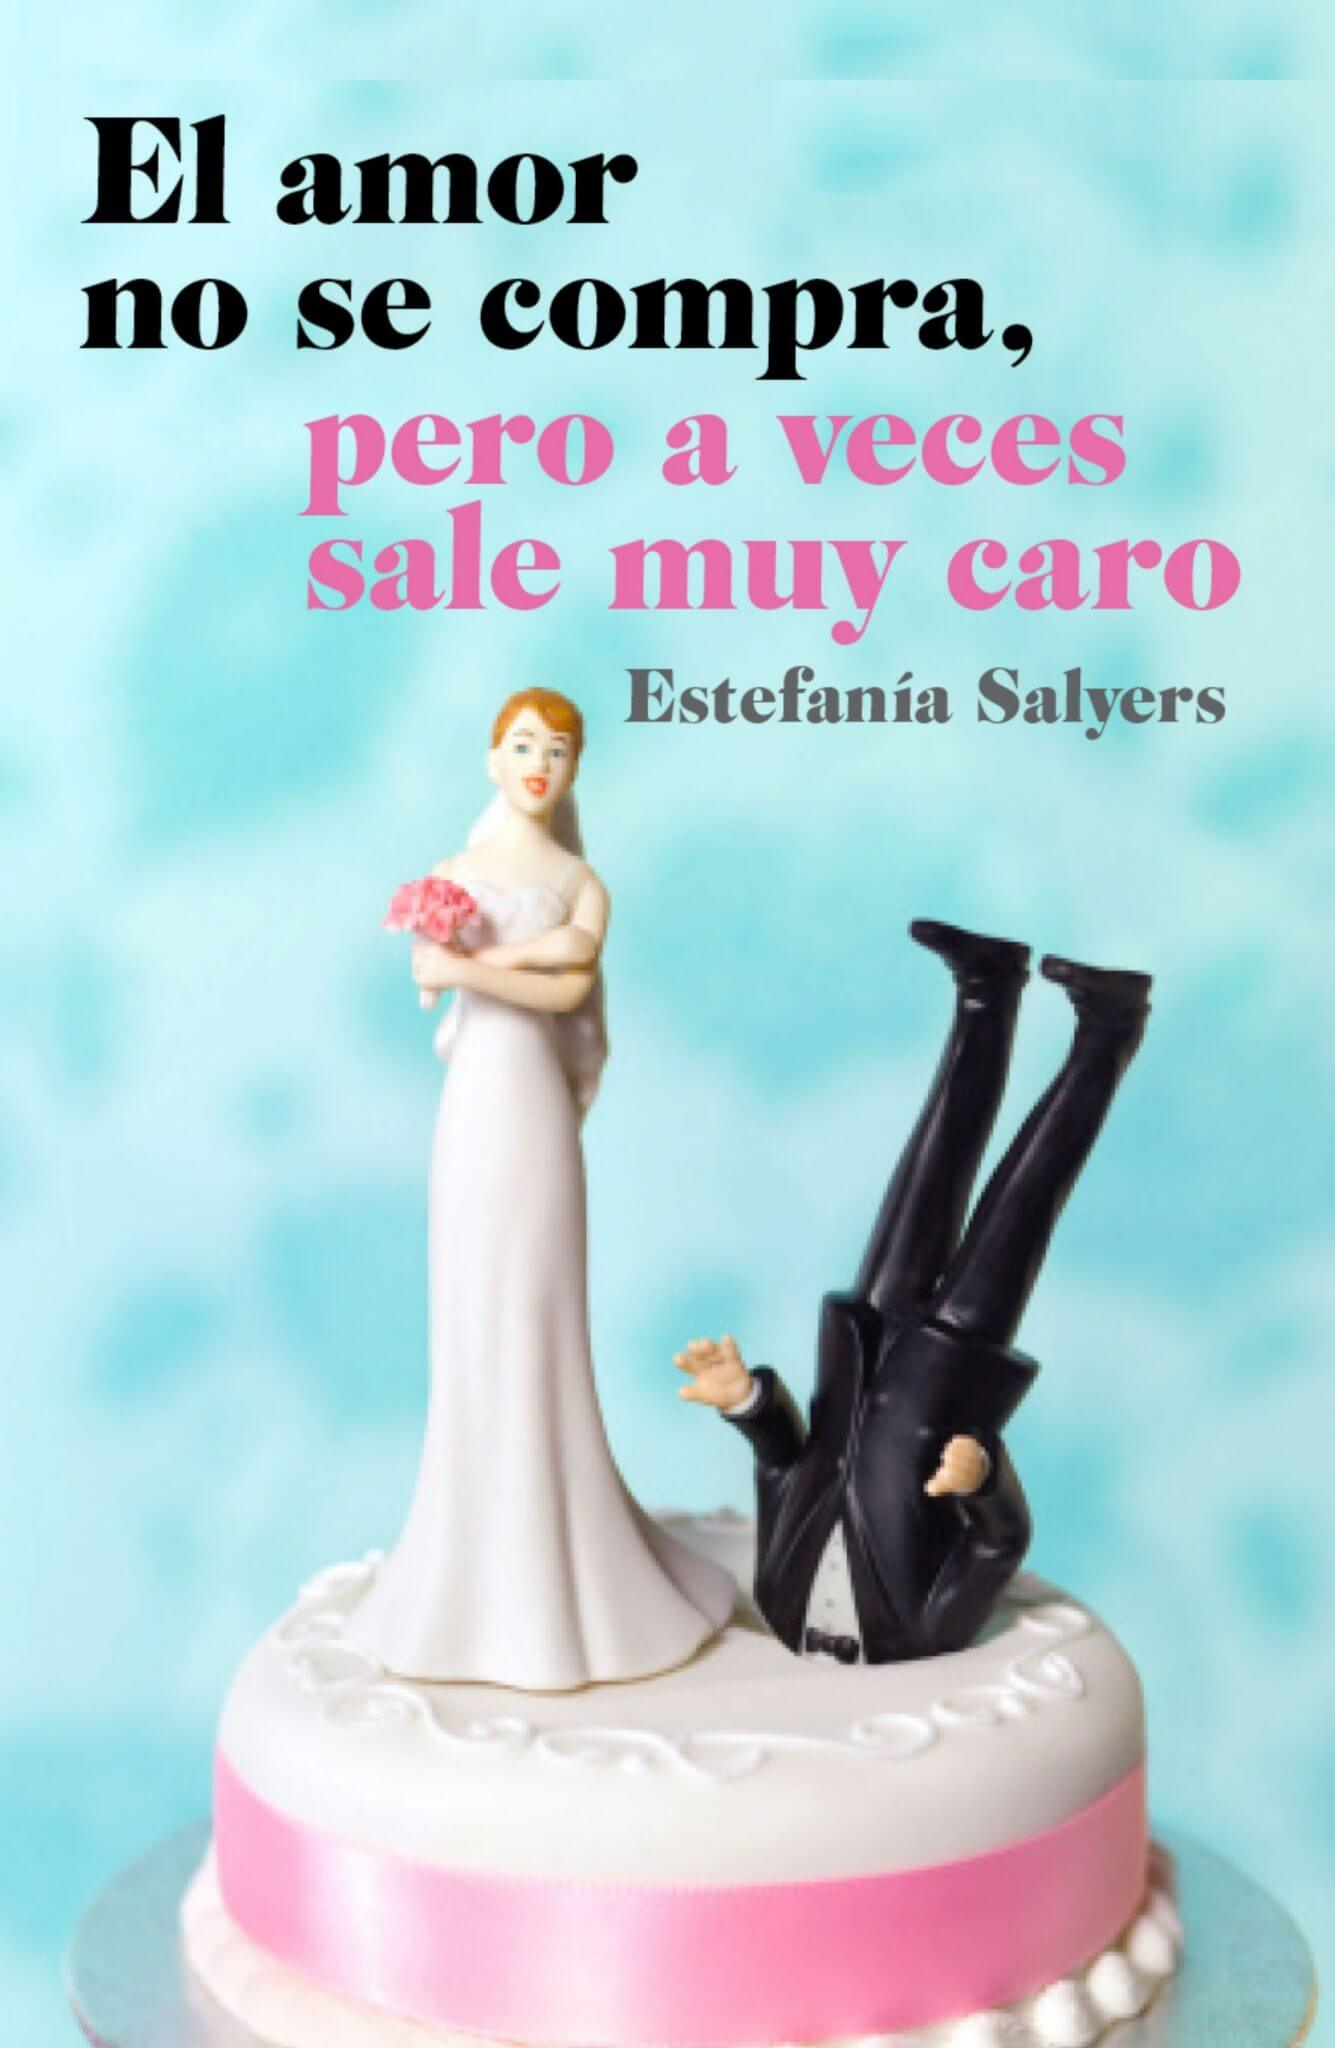 El amor no se compra, pero a veces sale muy caro – Estefanía Salyers